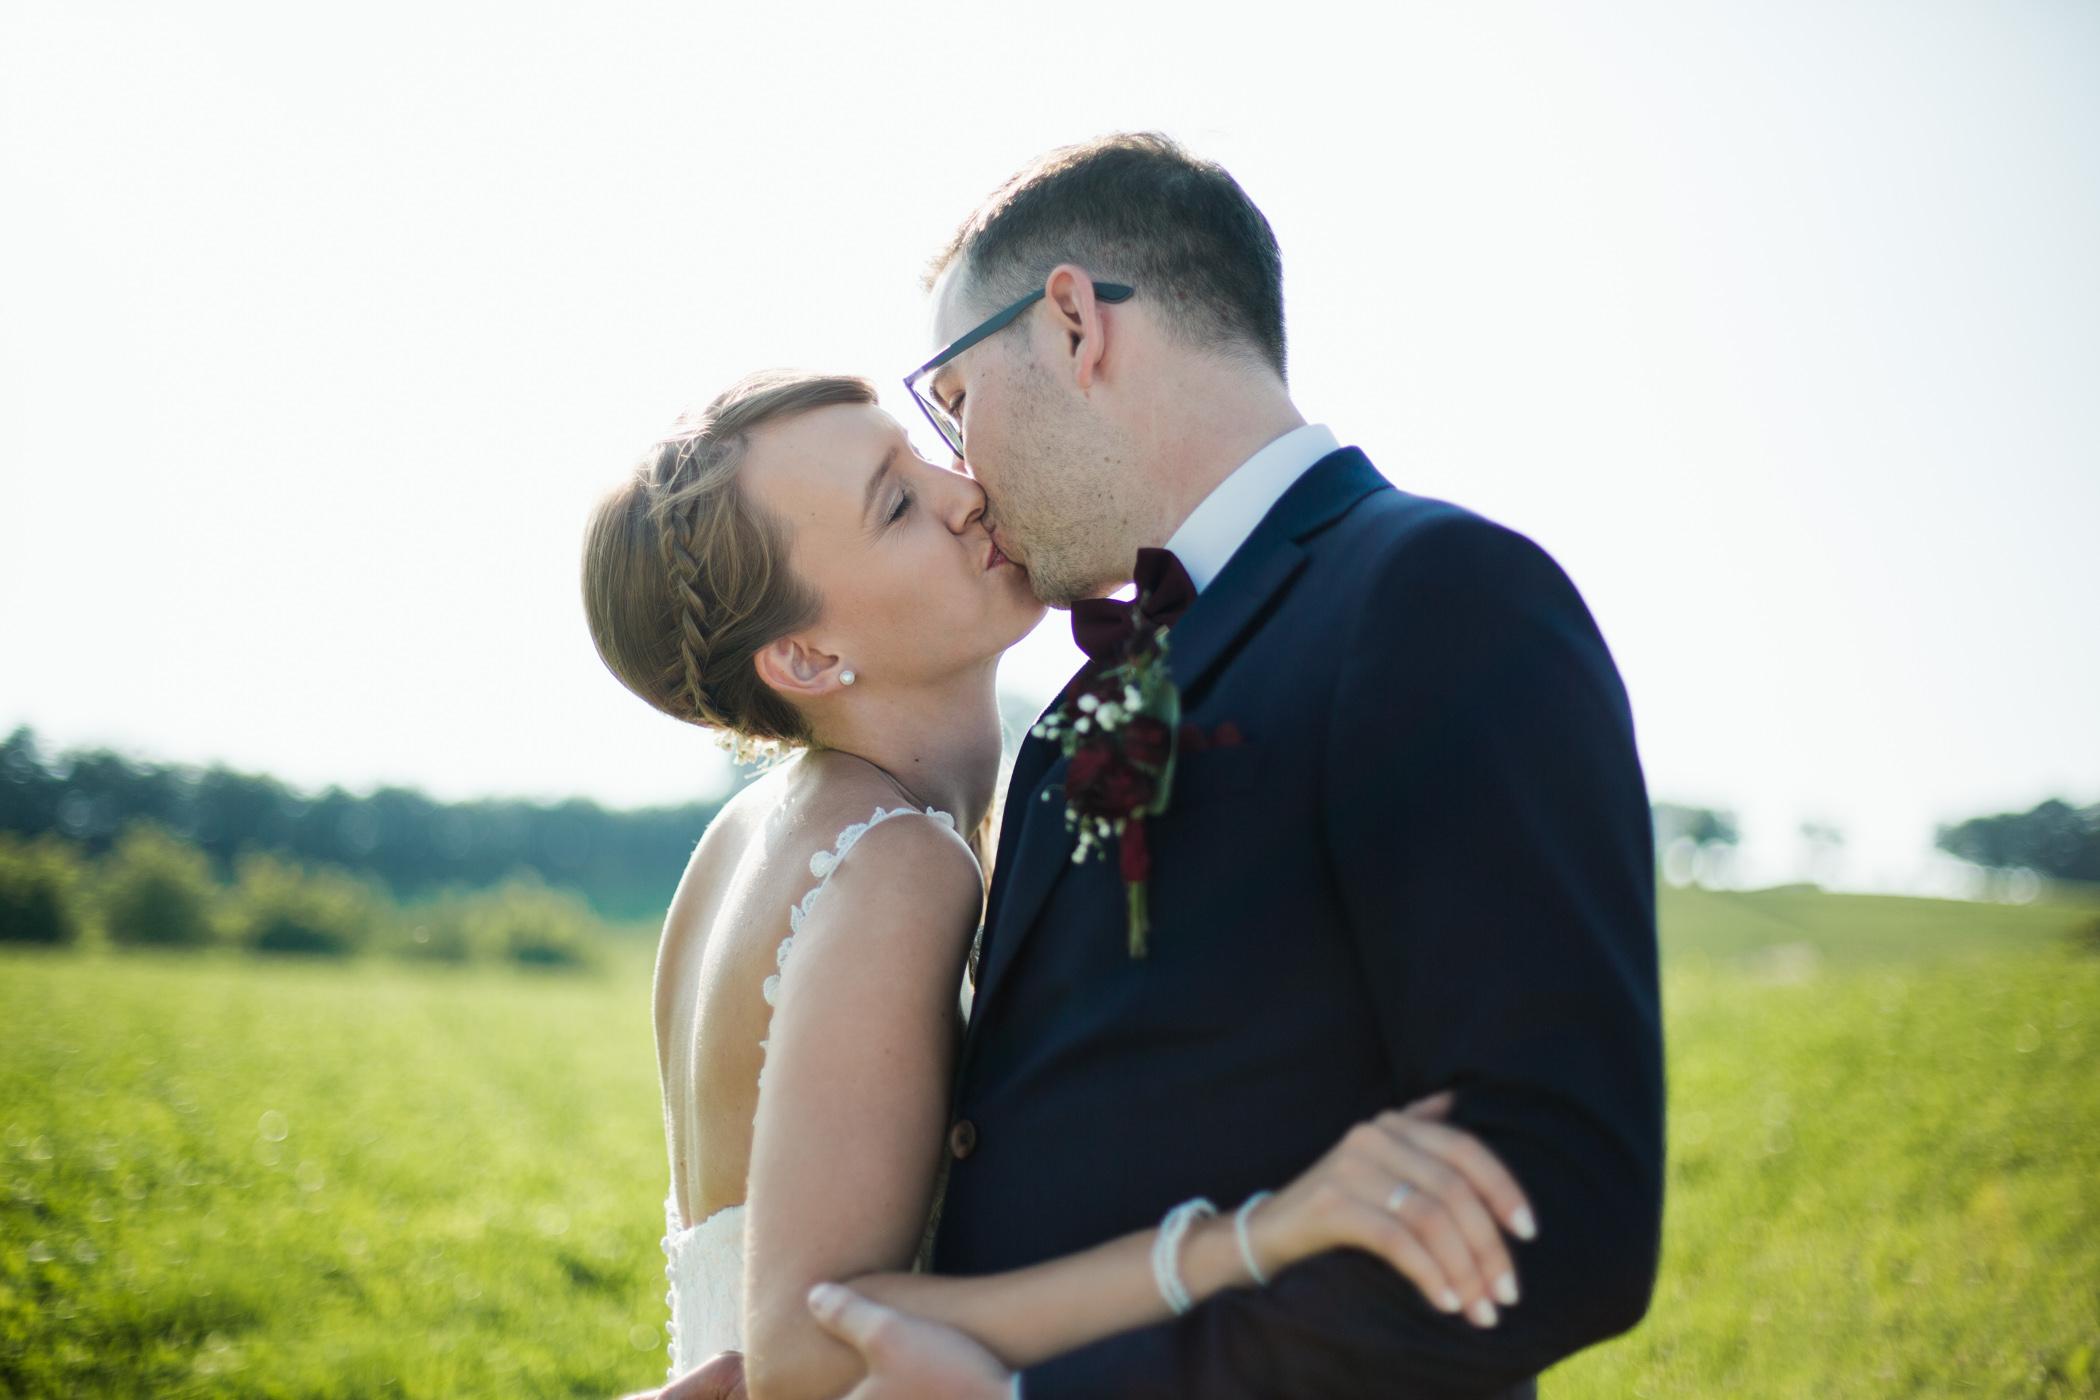 romantische Paarfotos Bern Gurten Wiese